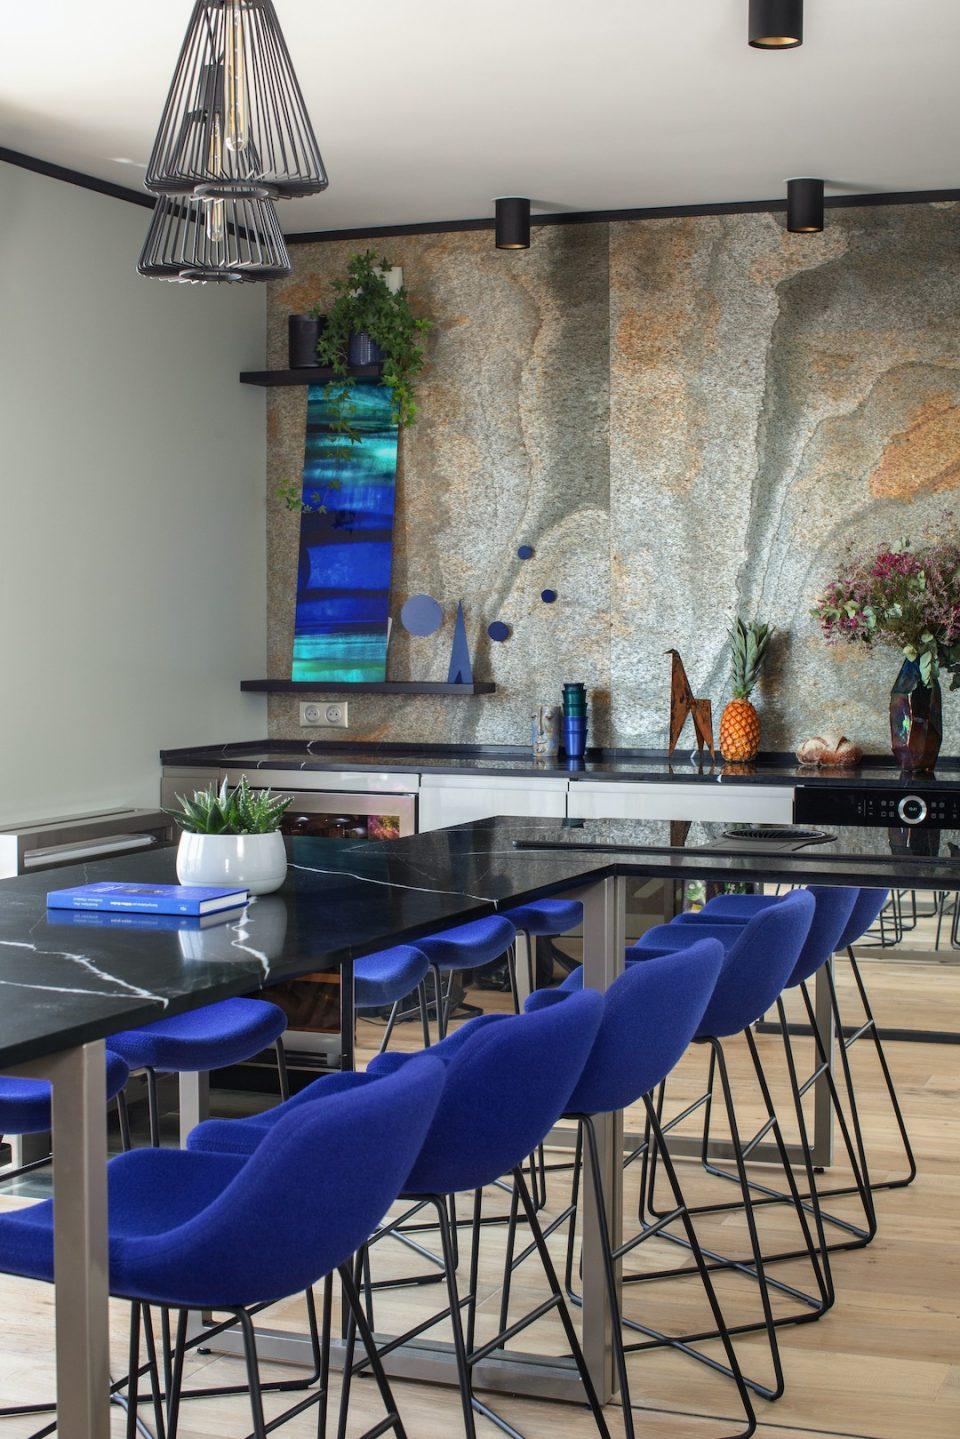 Feuille de pierre 100% naturelle StoneLeaf modèle Paris sur mur